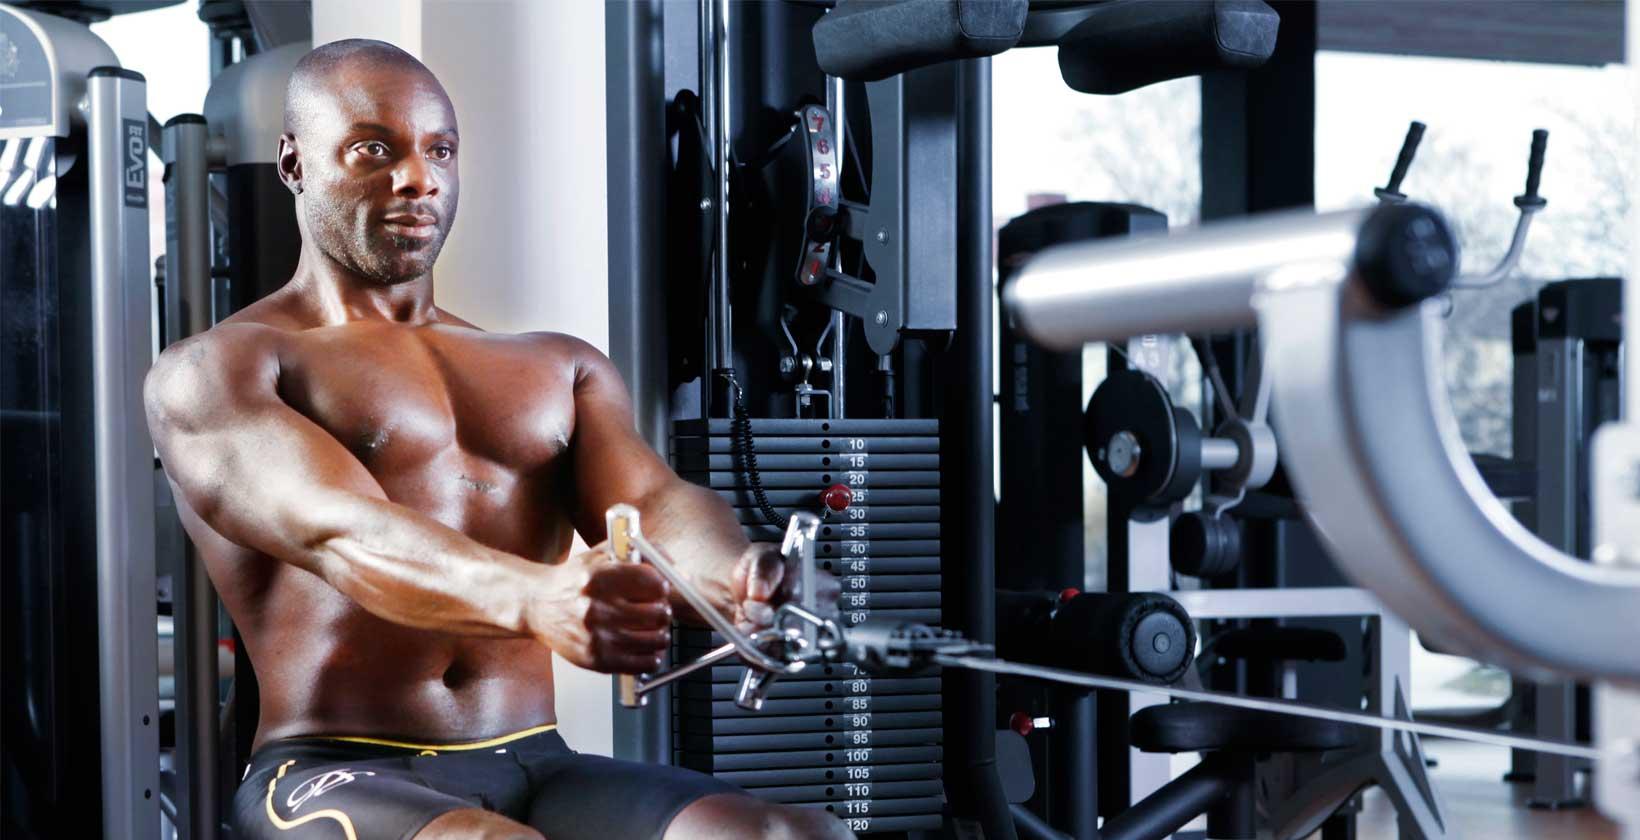 styrketräning för kvinnor över 40